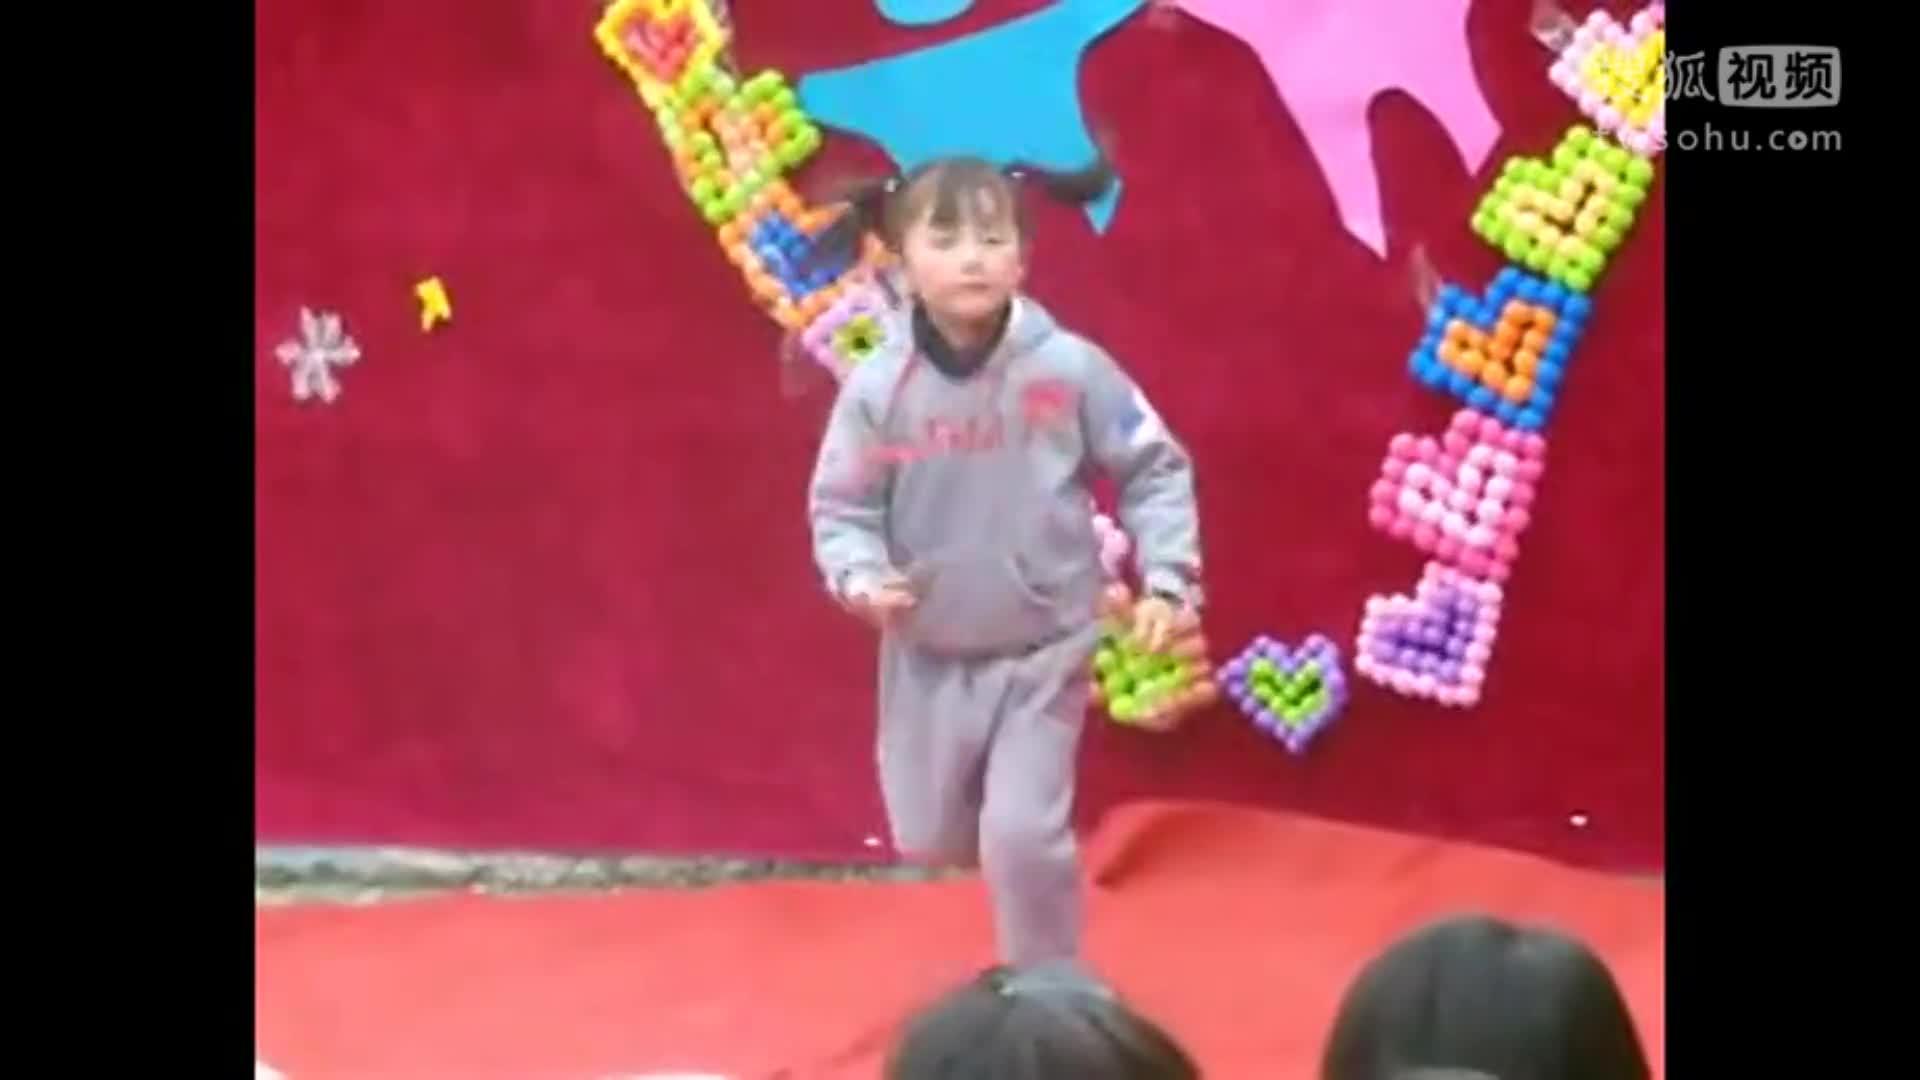 幸福的脸幼儿舞蹈视频 元旦节最新幼儿舞蹈《幸福的脸》-全球无敌.